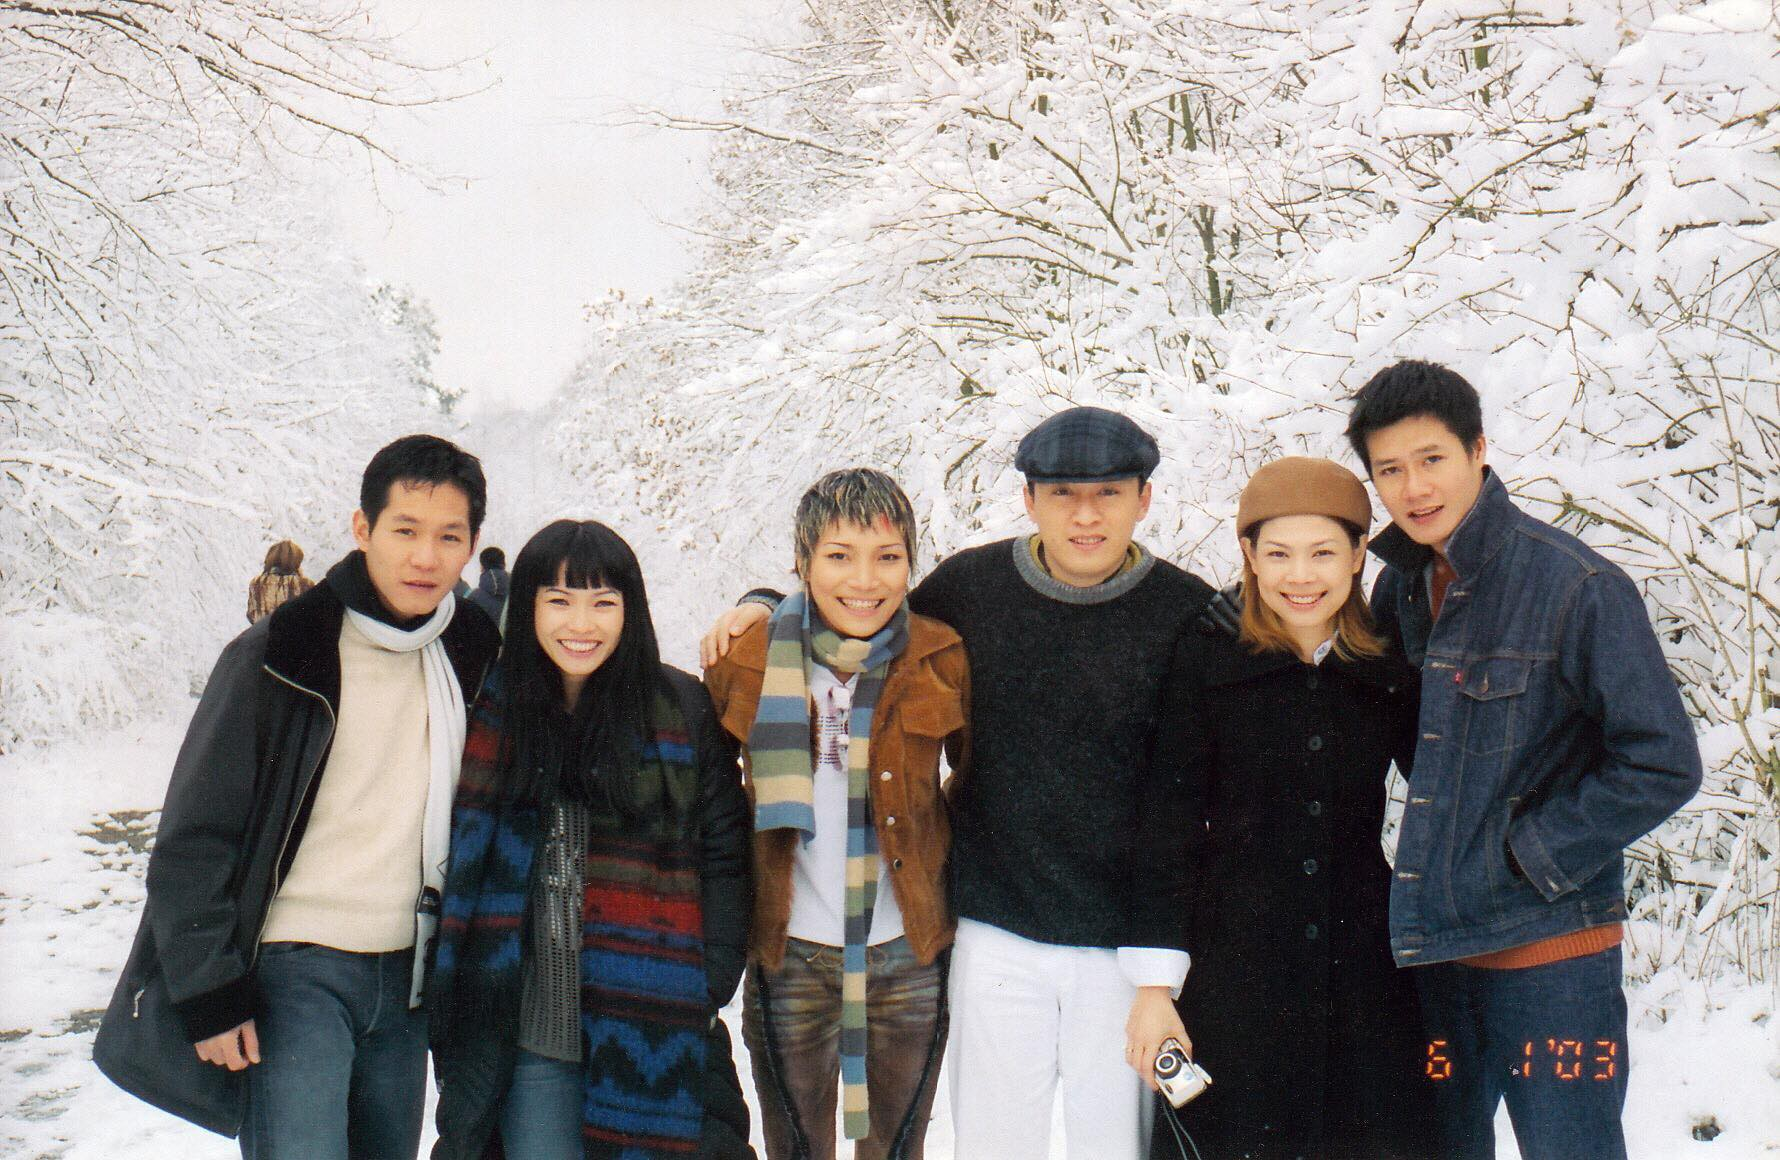 """Thanh Thảo tung ảnh 15 năm trước mừng sinh nhật Quang Dũng, nhắn nhủ: """"Anh vẫn là người đàn ông rất quan trọng trong lòng em"""" - Ảnh 1."""